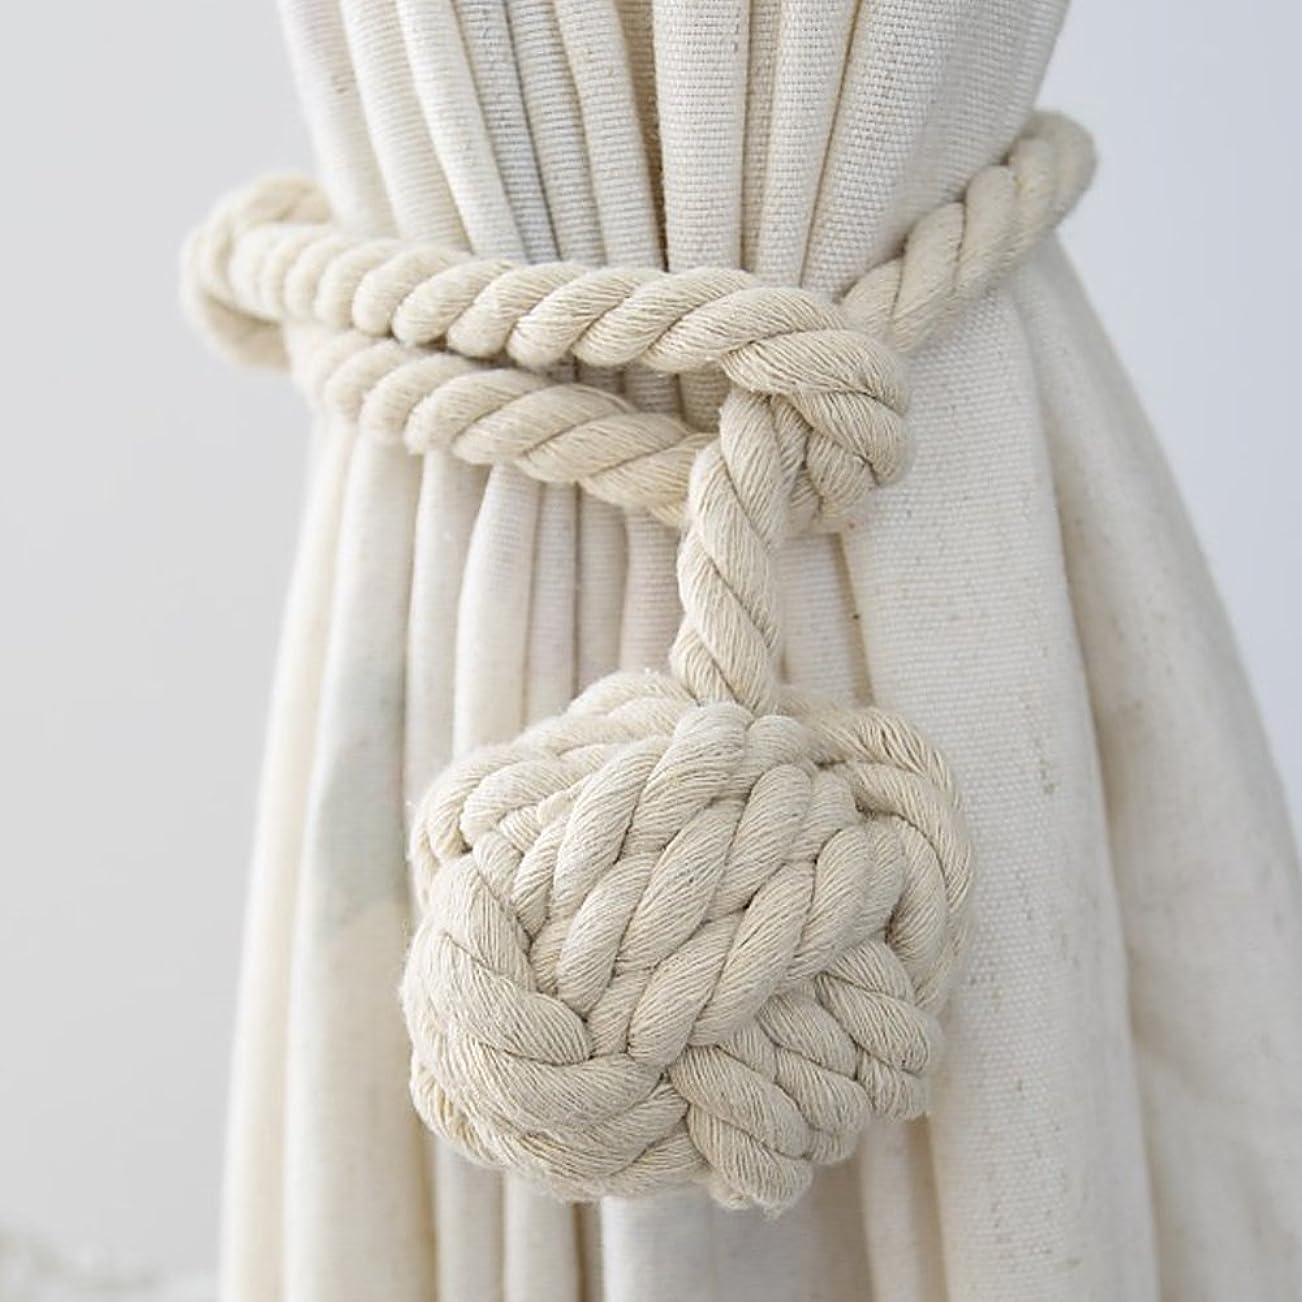 ディスコ擁する威信Culturaltu カーテンタッセル ロープ式 2個セット カーテン留め飾り カーテン アクセサリー ロープタッセル 紐 締め 編み込み ロープタッセル 房掛け バックル ホルダー シンプル (ベージュ)